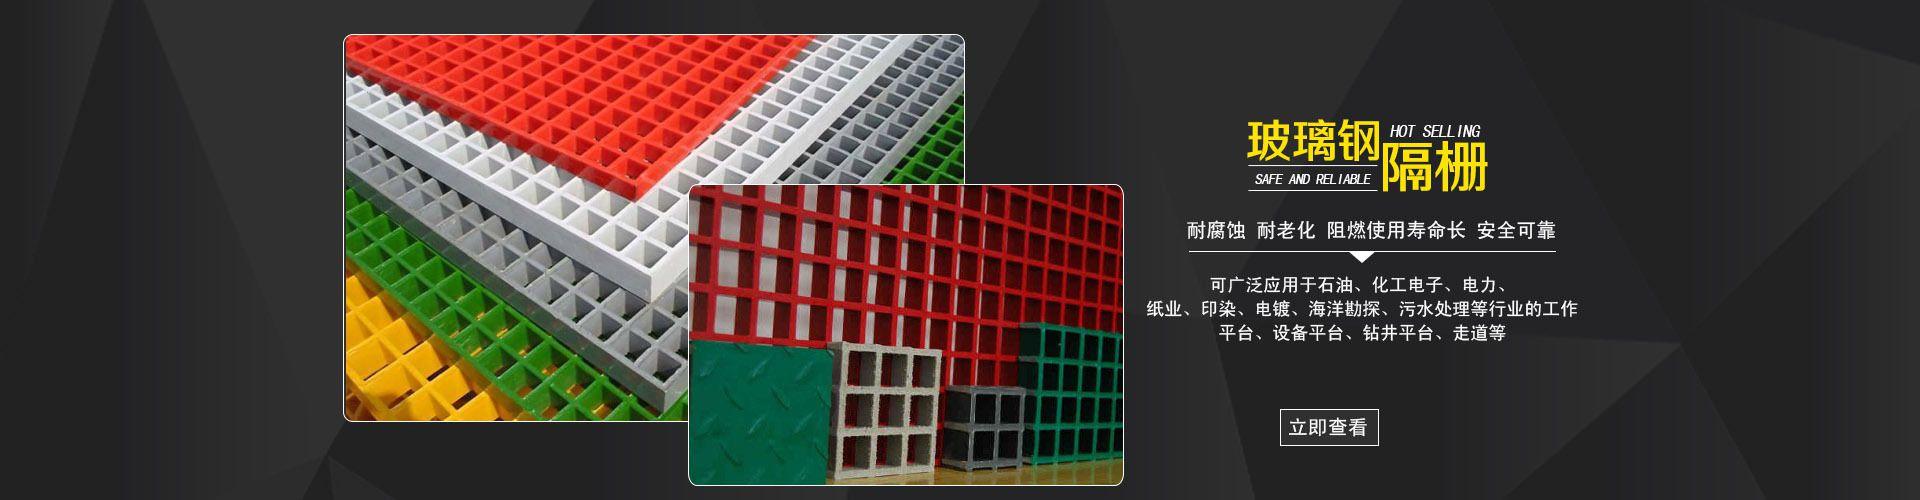 河北港龙科技